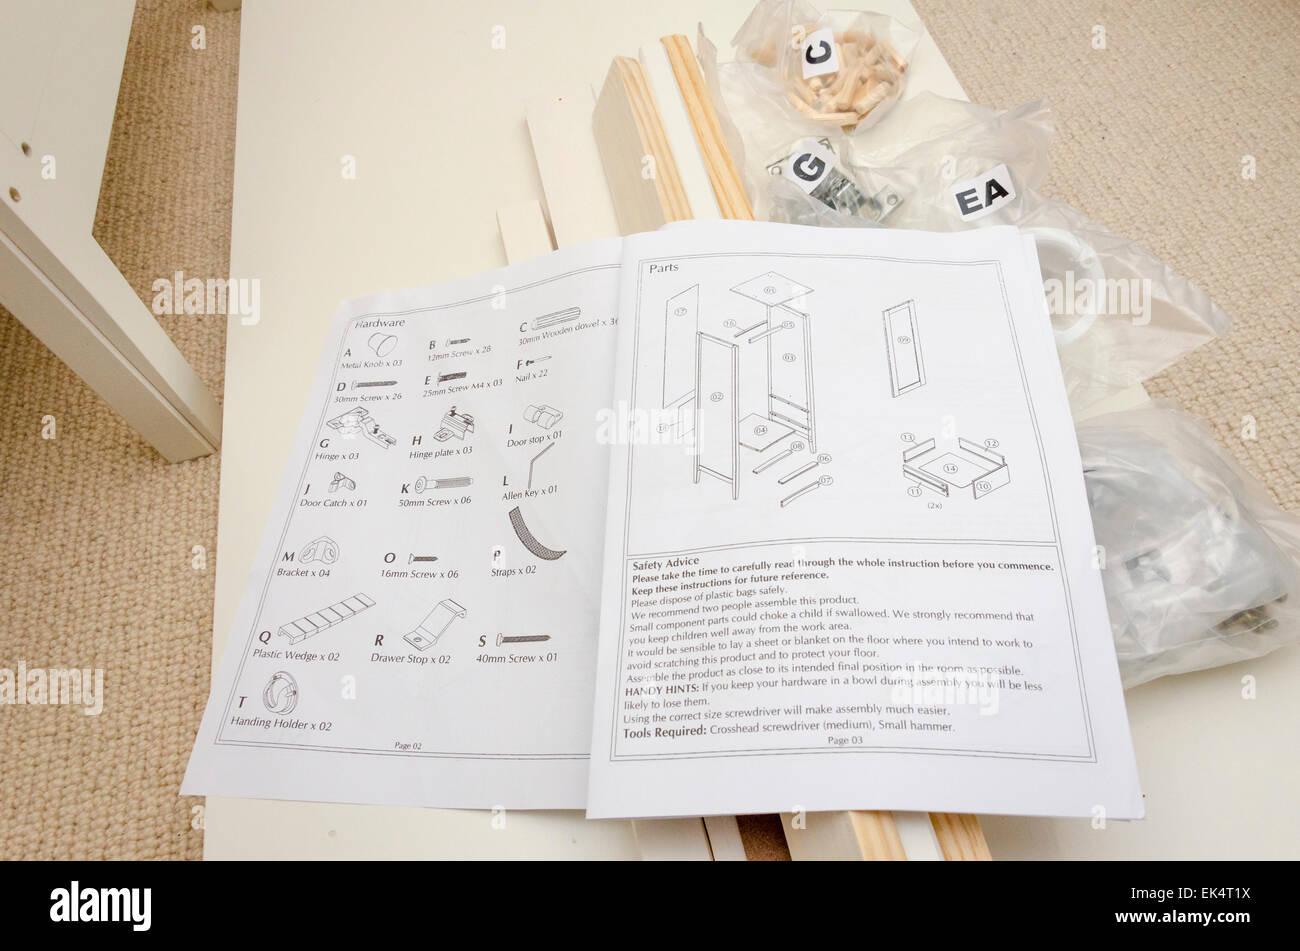 Auto montaje de muebles flat pack con componente fijaciones y la guía de instrucciones Imagen De Stock